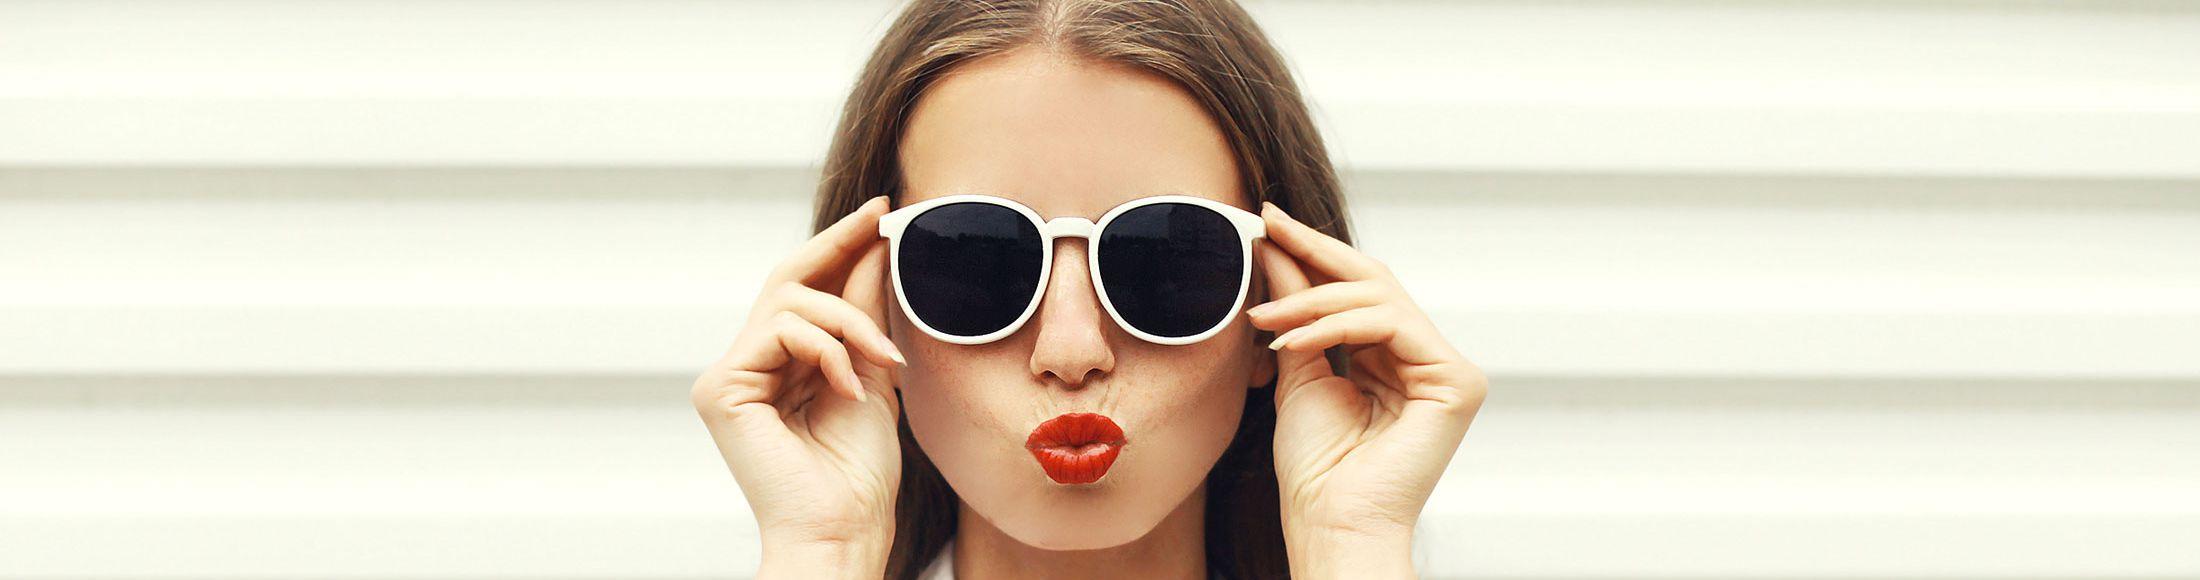 Expert Summer Beauty Tips